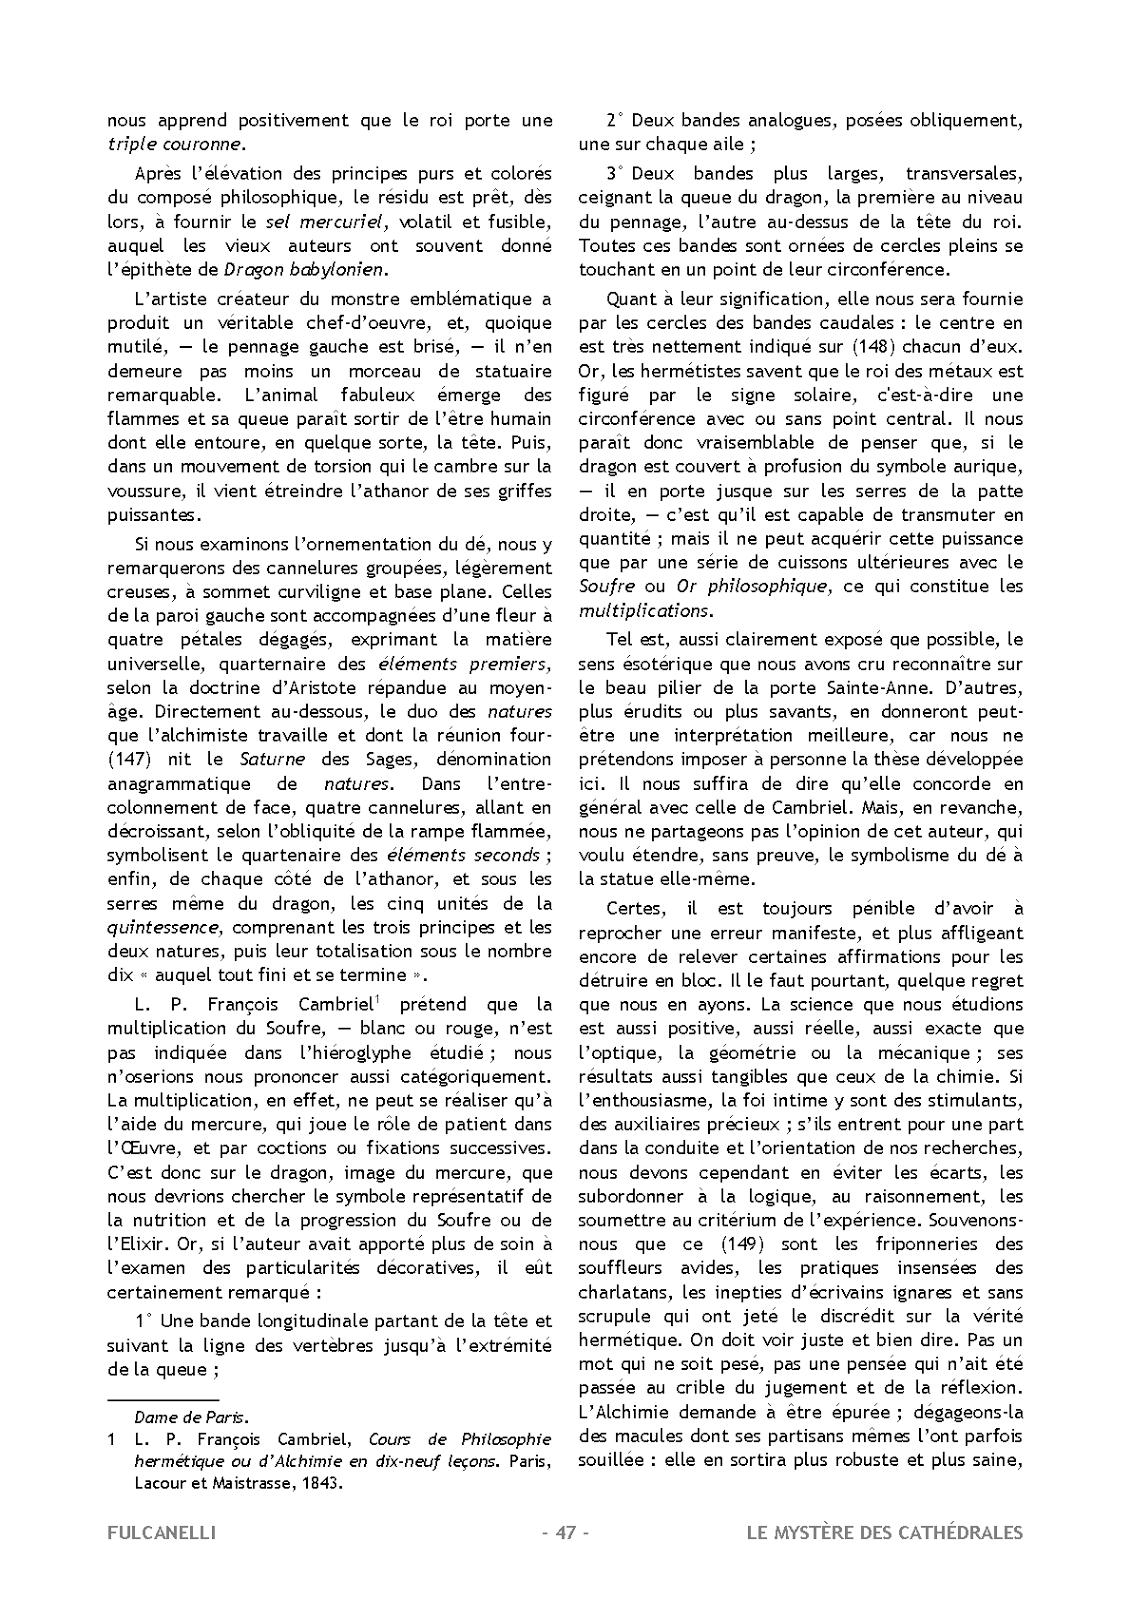 Le miroir alchimique fulcanelli le myst re des cath drales 1926 - Point p ivry ...